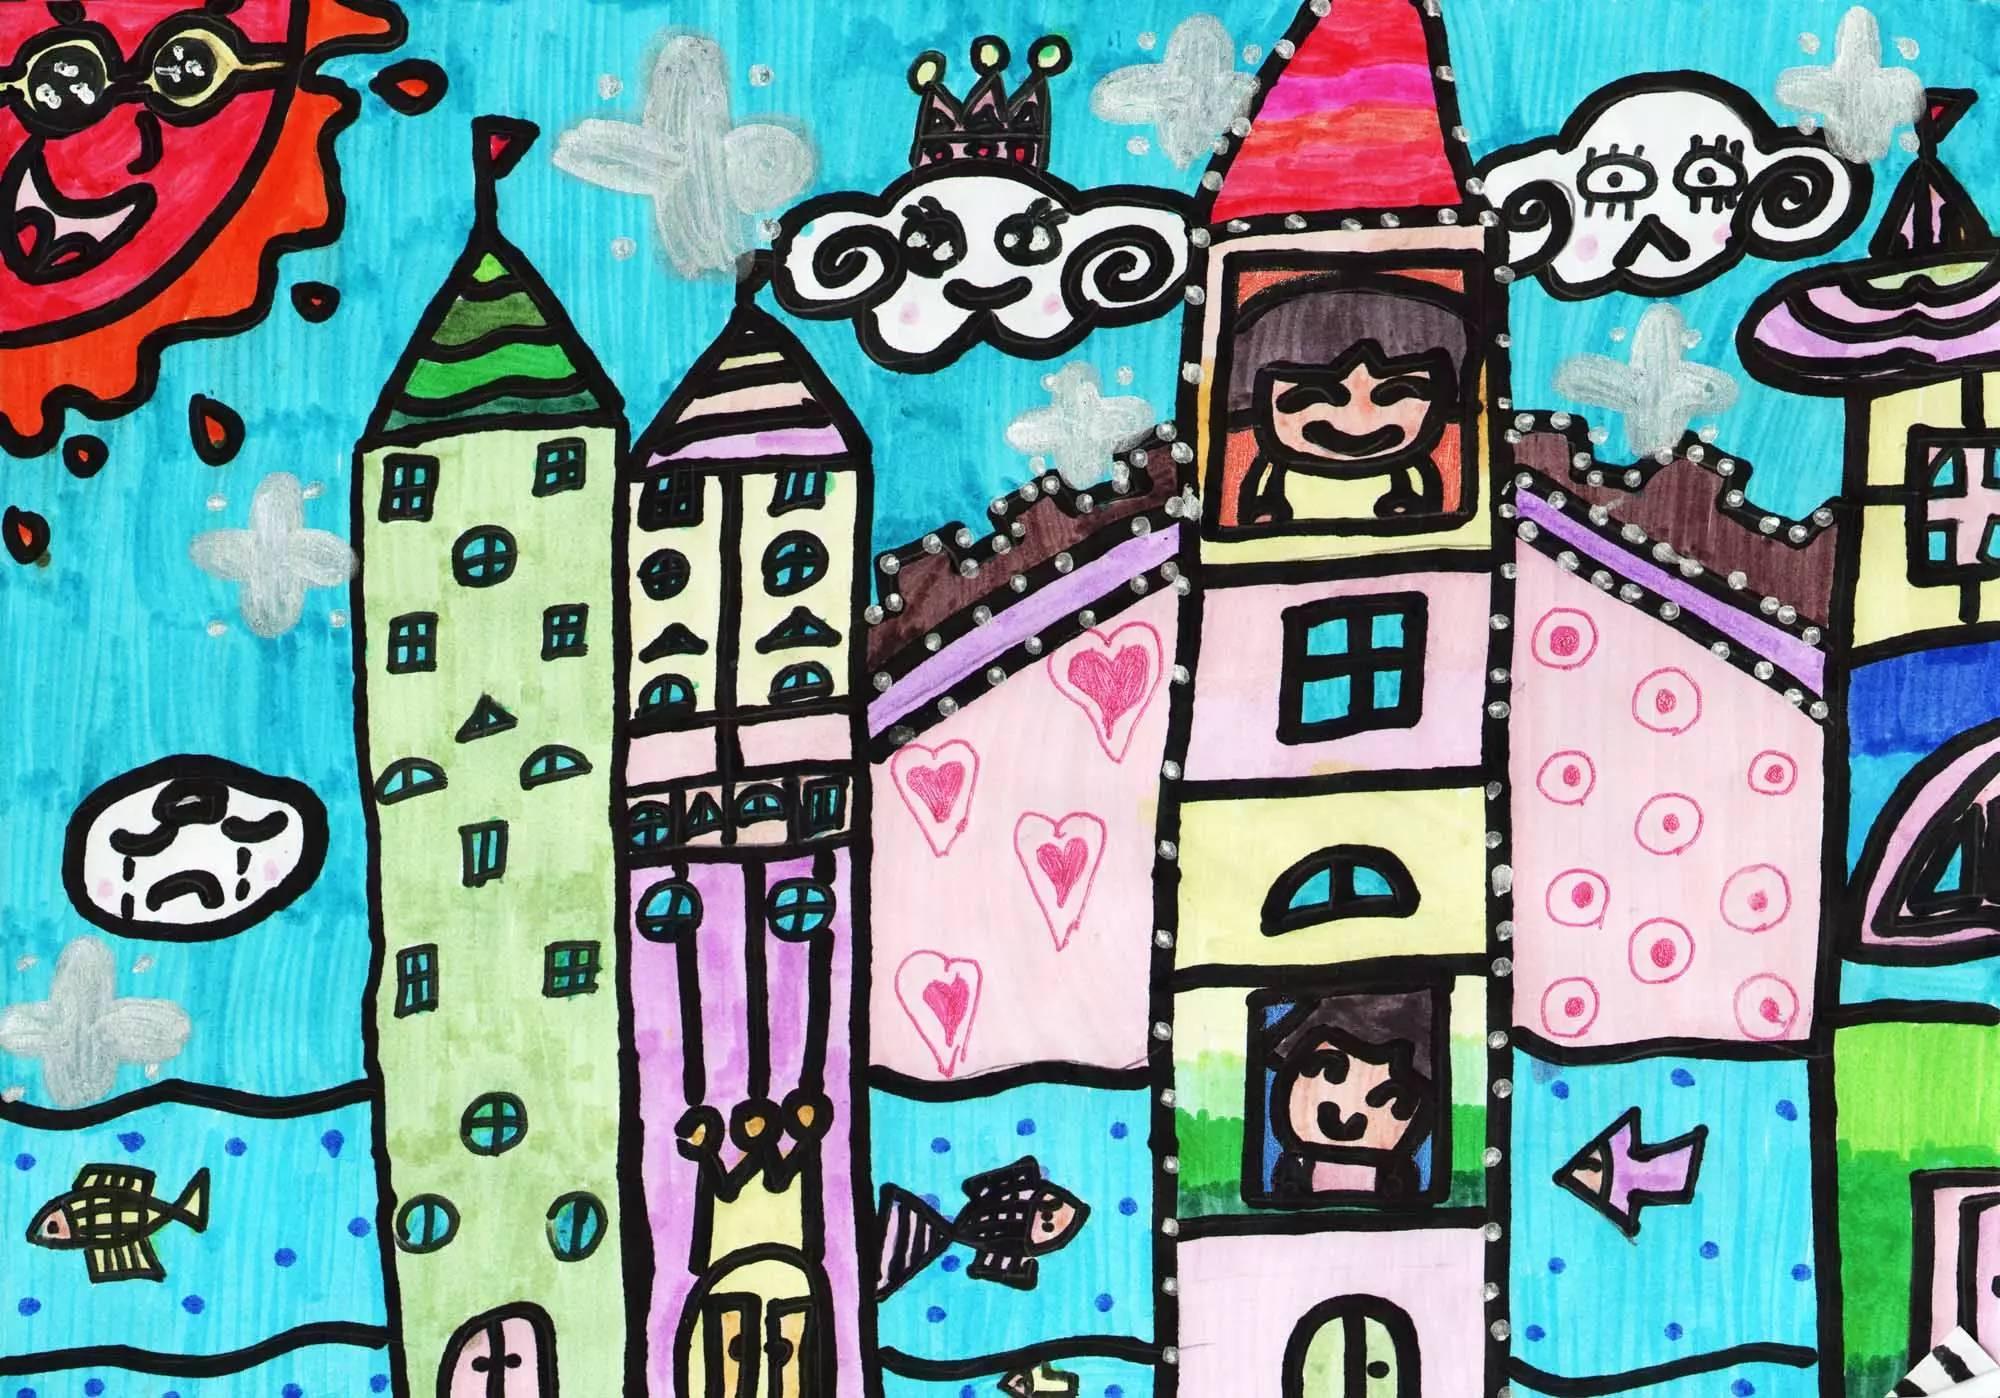 2,活动目的: 关爱少儿成长,描绘幸福未来;培养少年儿童书画热情,鼓励